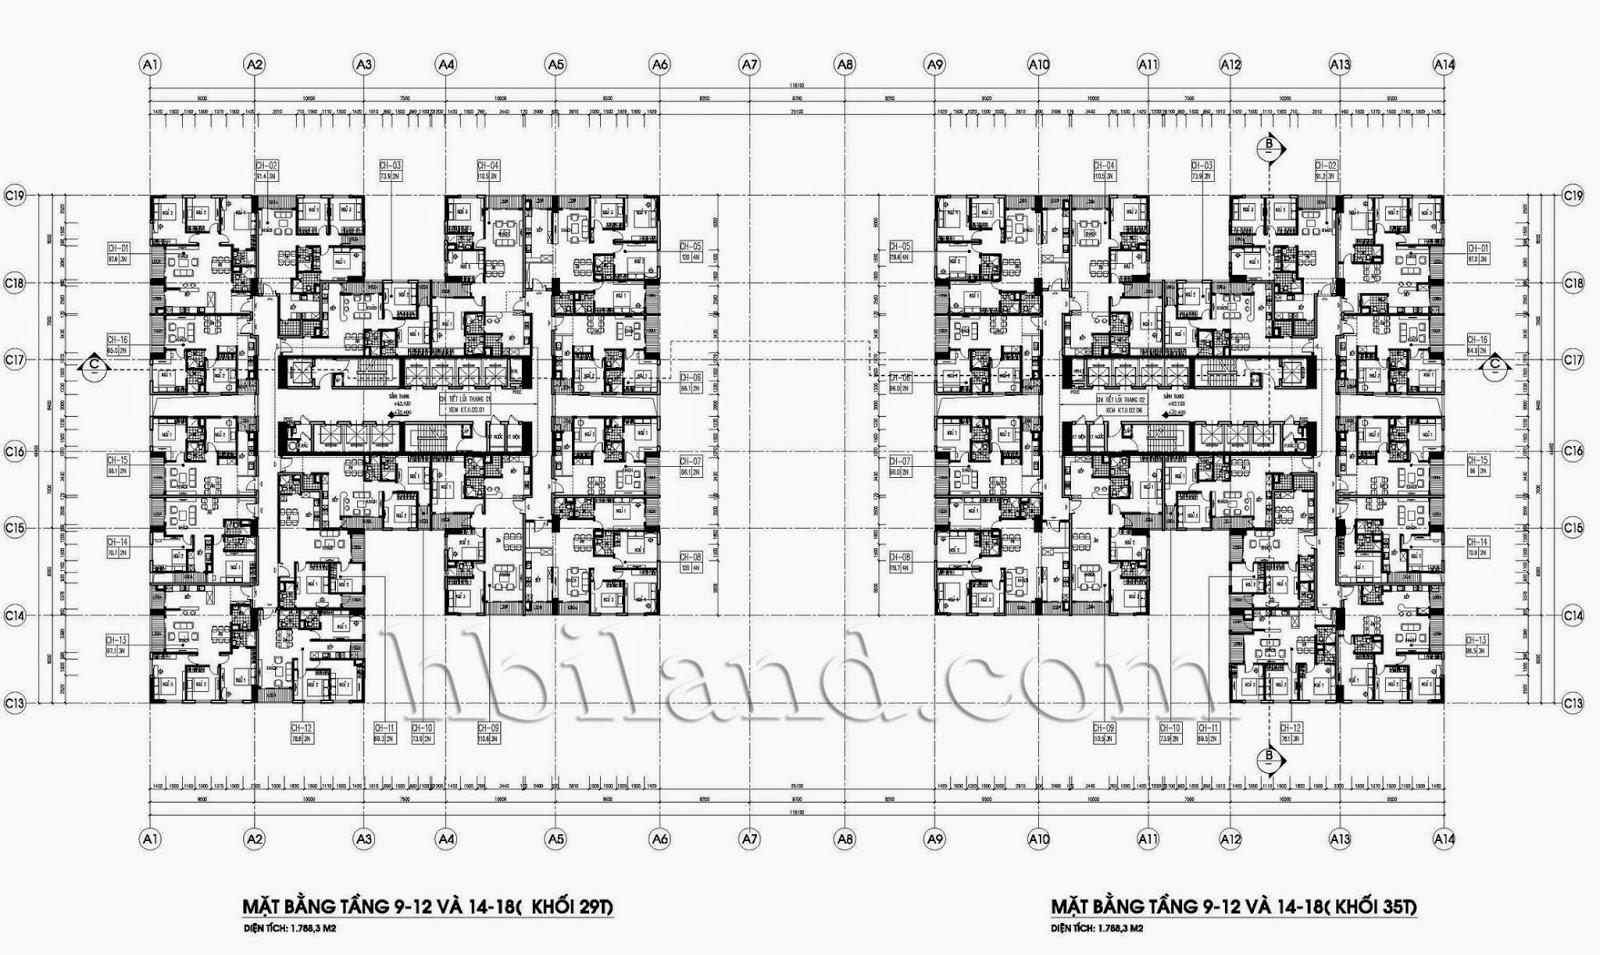 thiết kế chi tiết căn hộ 35T-A1403 chung cư Imperia Garden